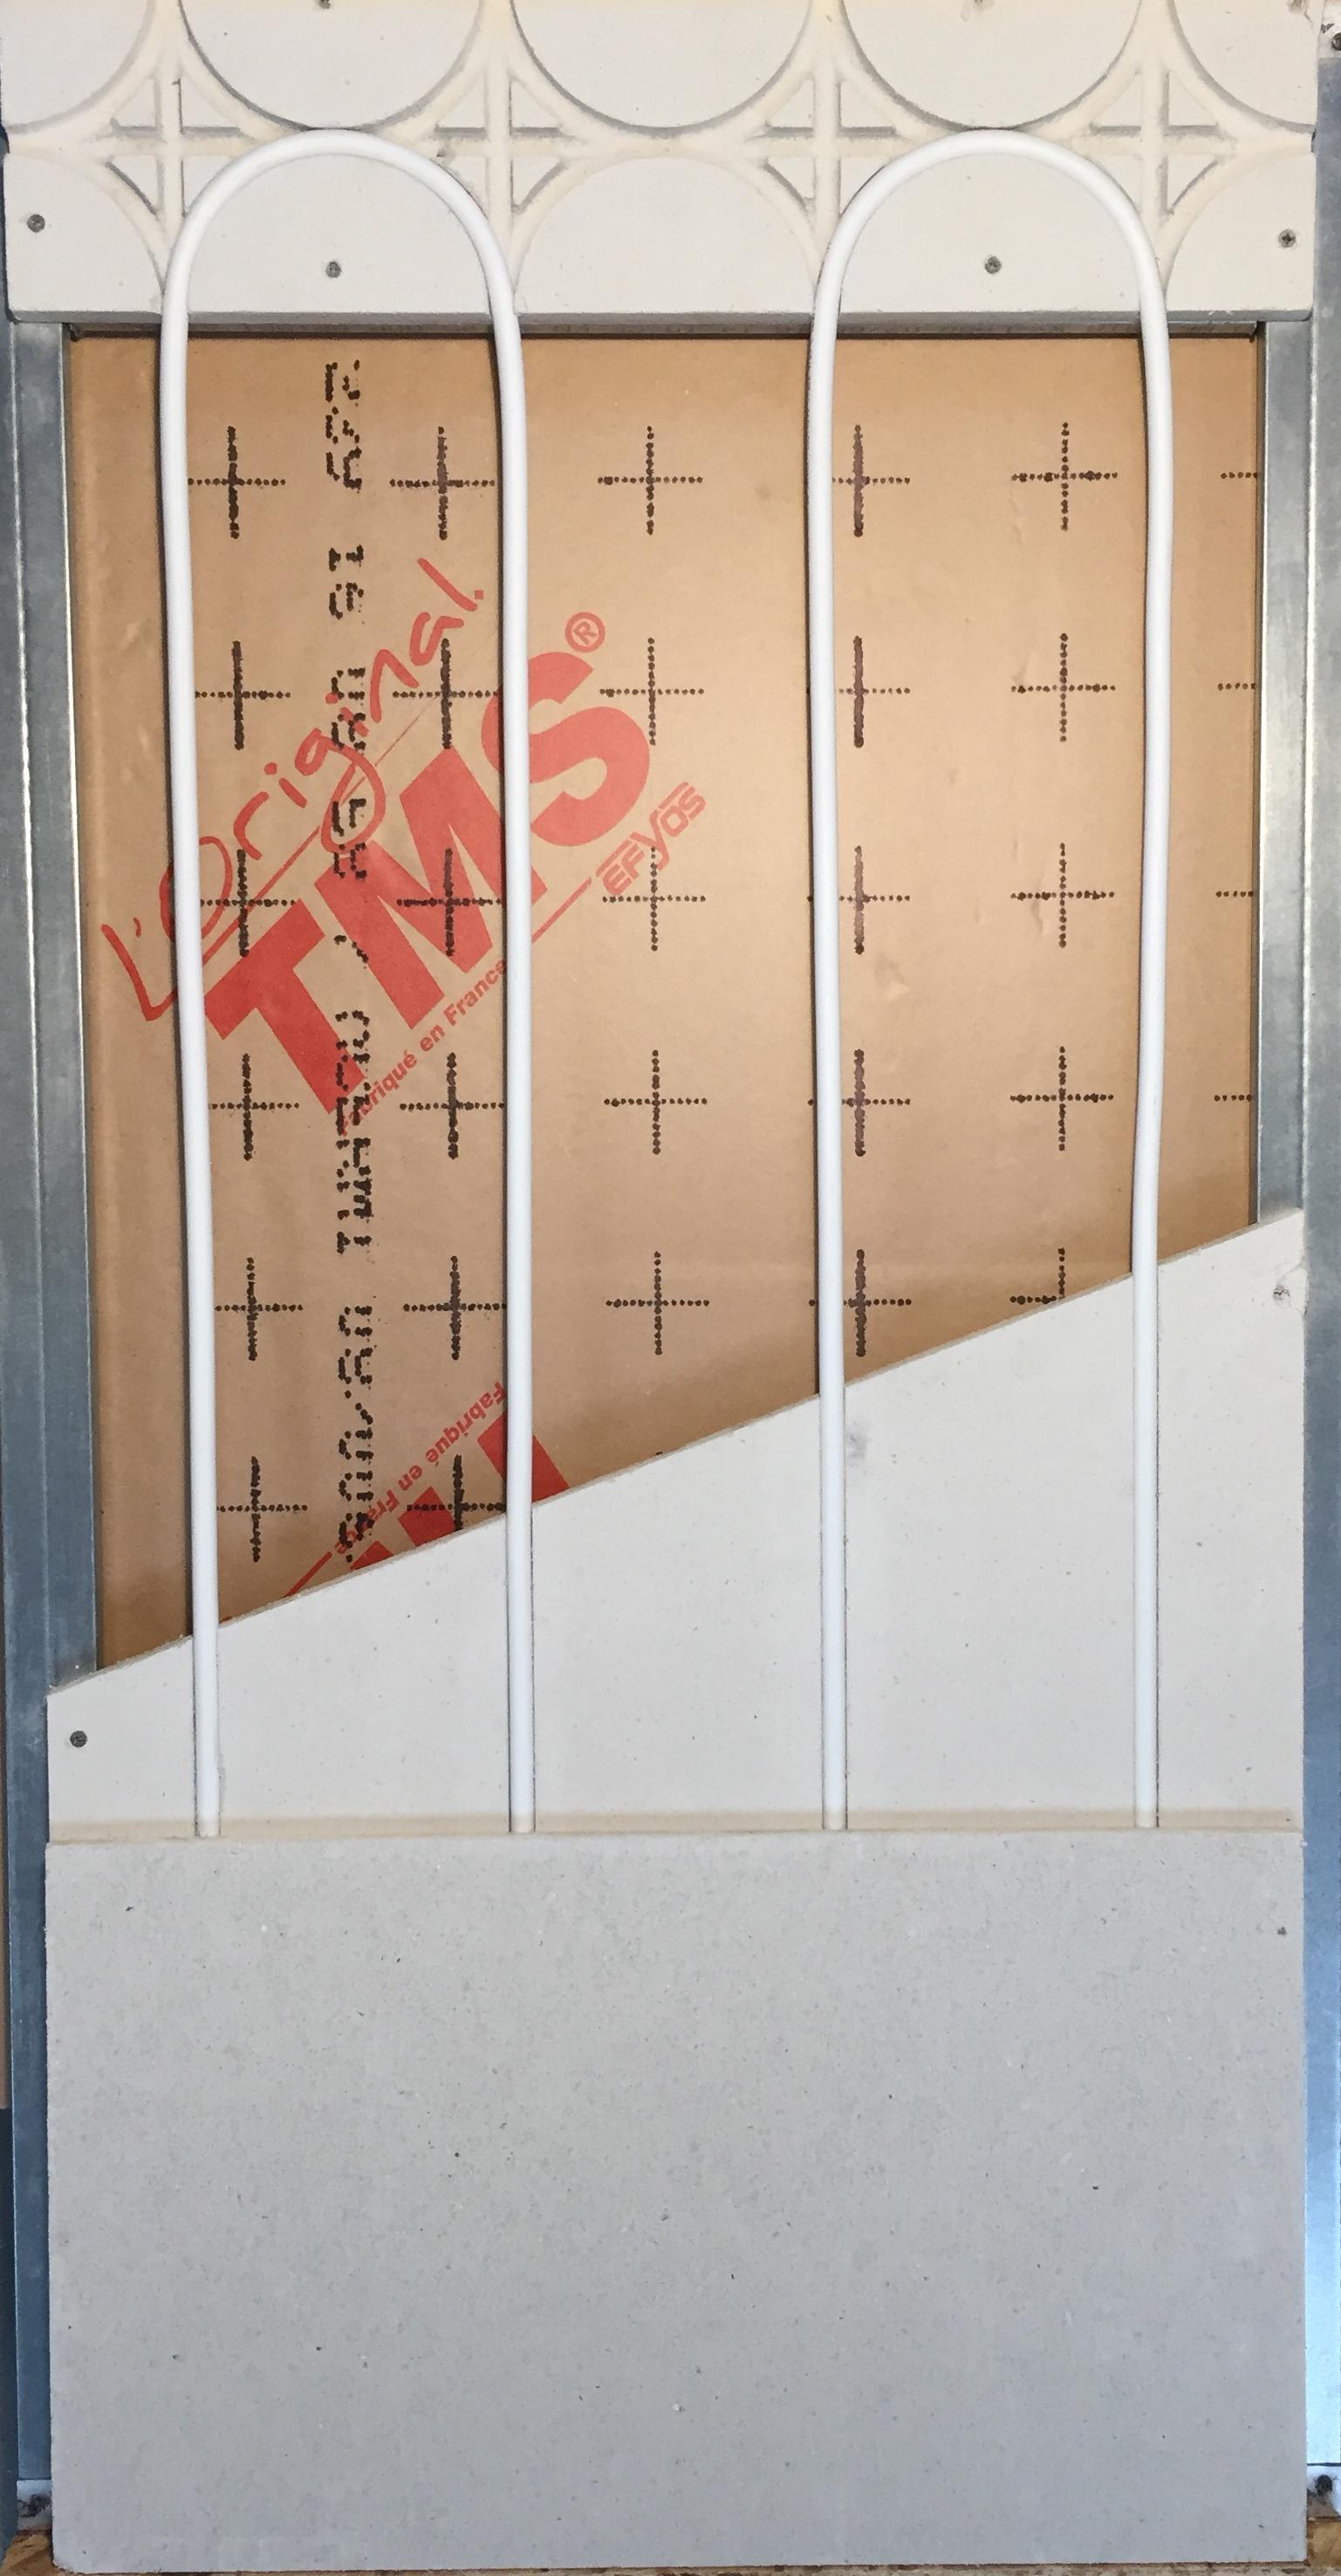 Mur chauffant rénovation à isolation renforcée